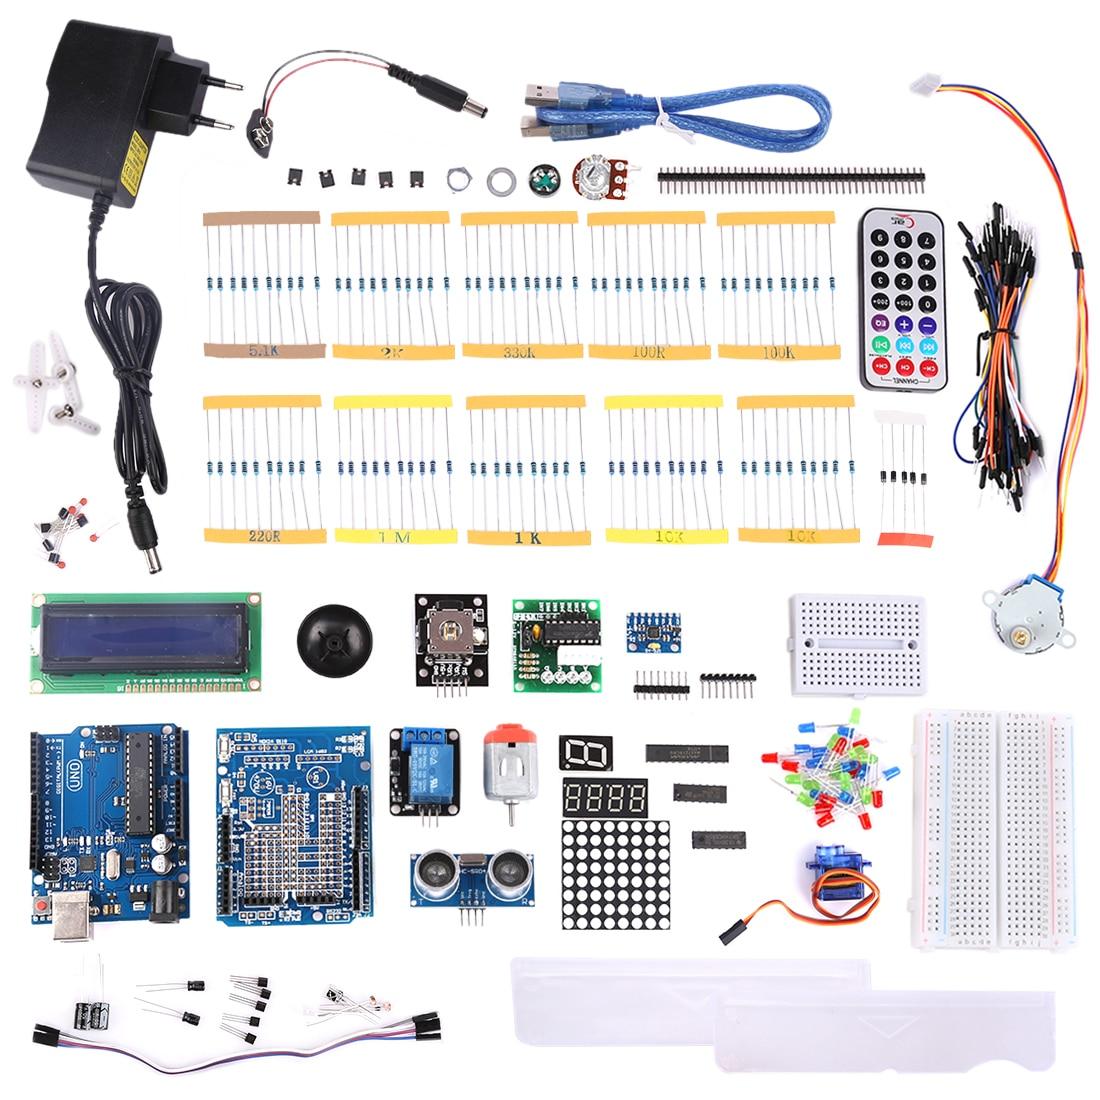 Nouveau kit de bricolage moderne pour UNO R3 ensemble d'apprentissage de démarrage pour Arduino jouets programmables haute technologie/-prise US/EU